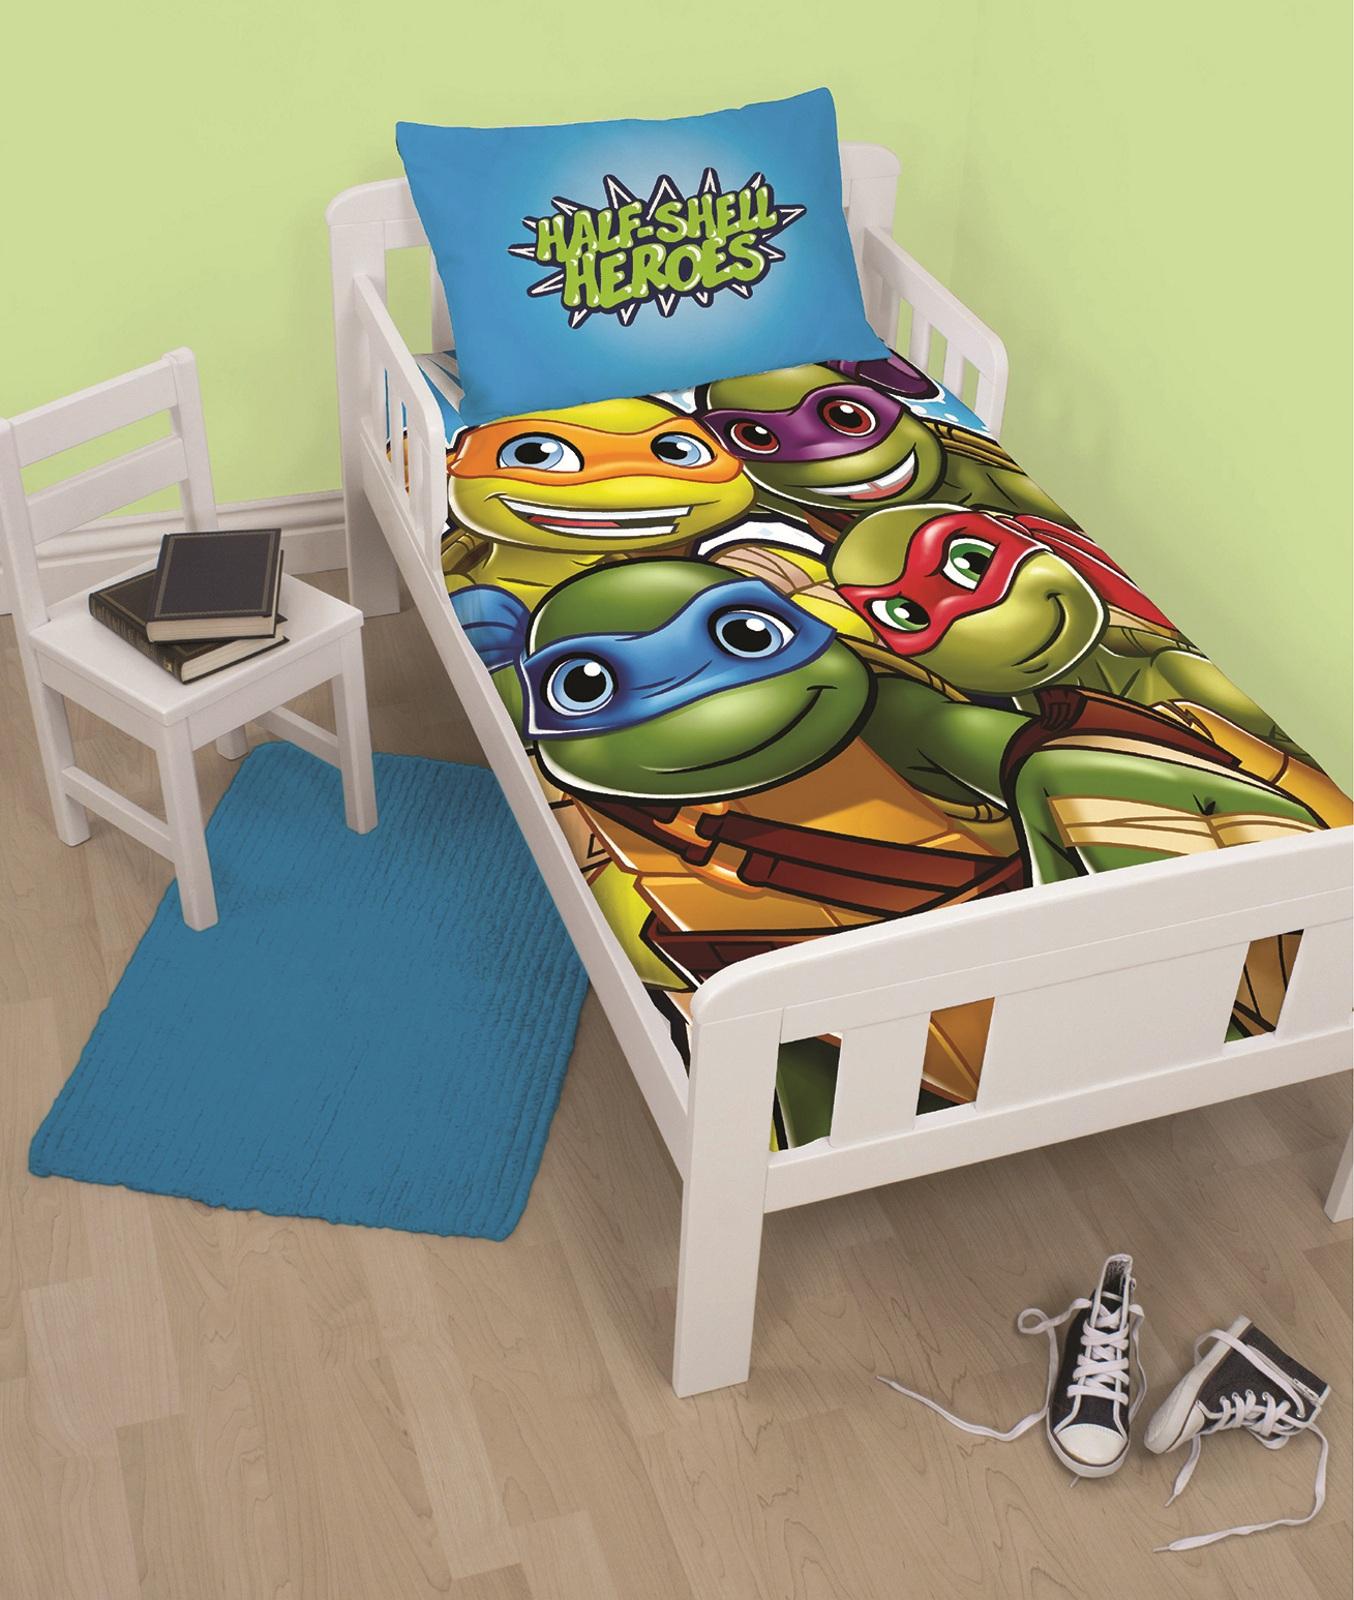 Teenage Mutant Ninja Turtles Half Shell Heroes Junior